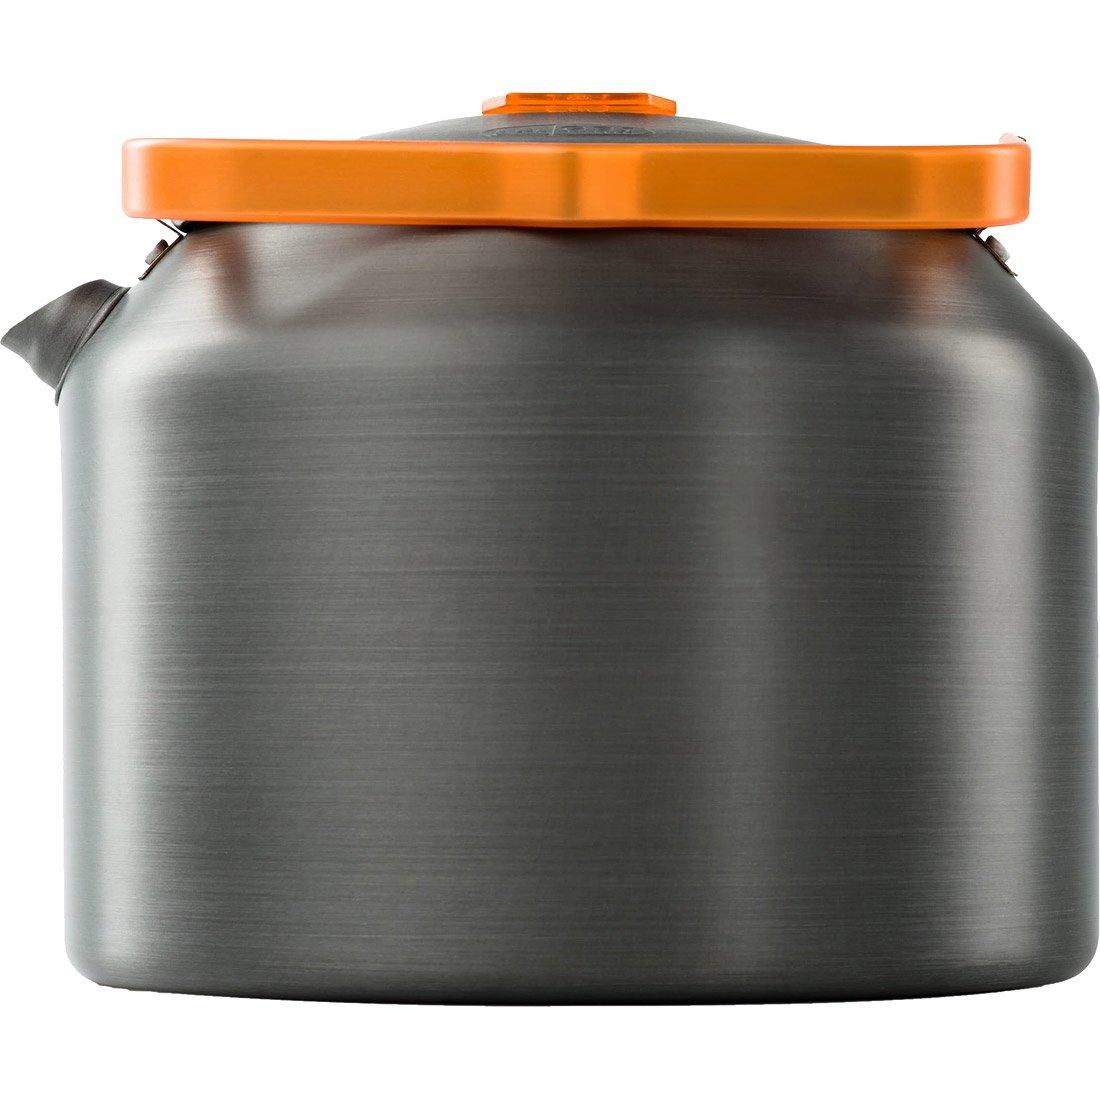 קומקום לשטח - Halulite 1.7L Tea Kettle - GSI